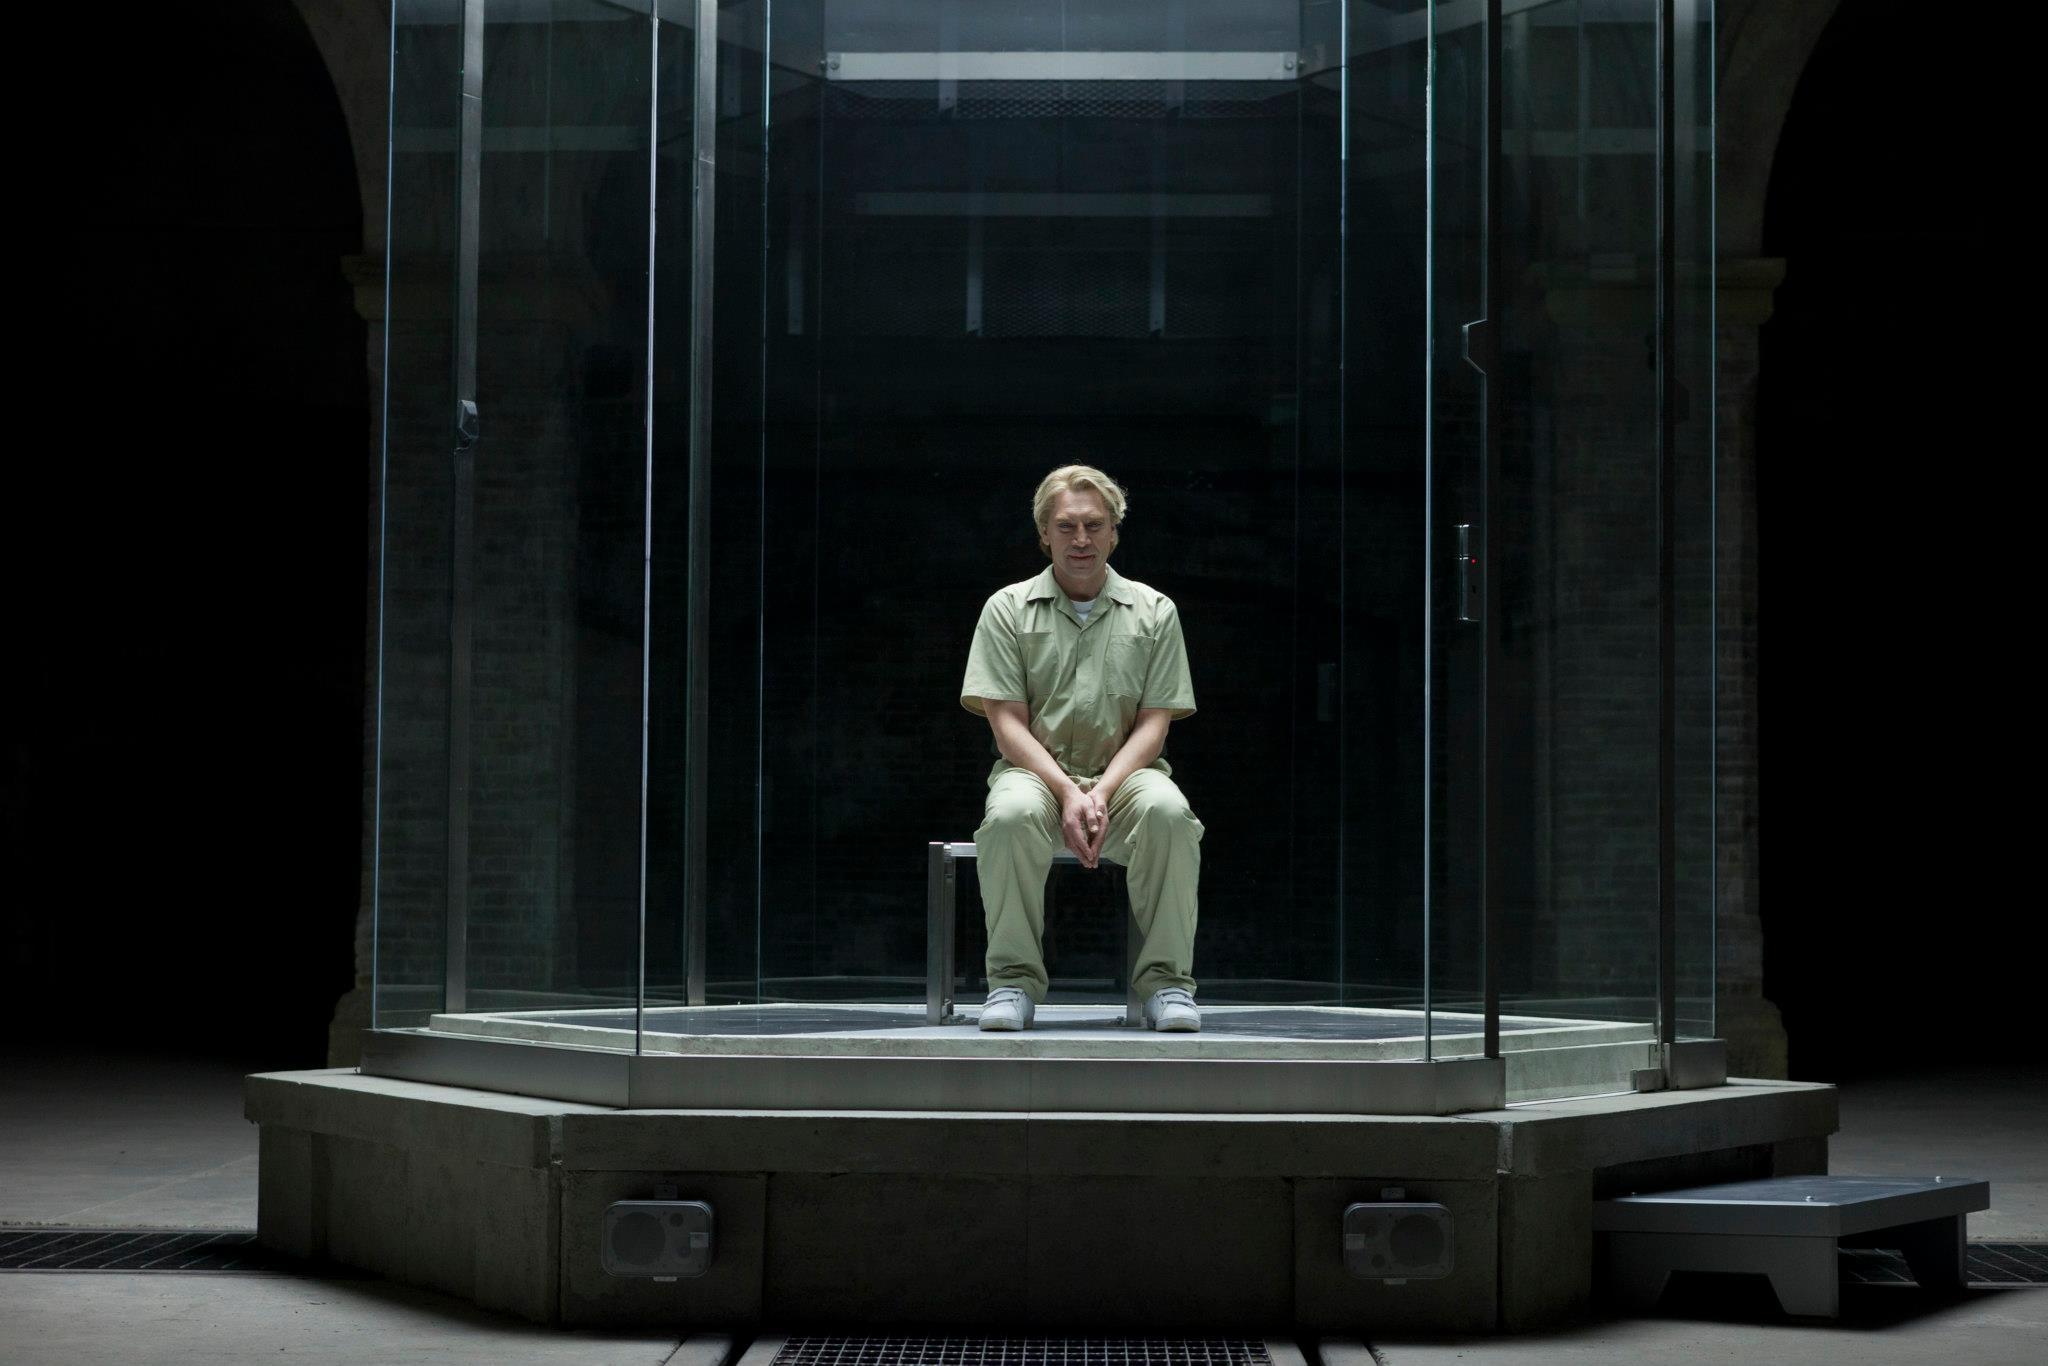 кадры из фильма 007 Координаты Скайфолл Хавьер Бардем,